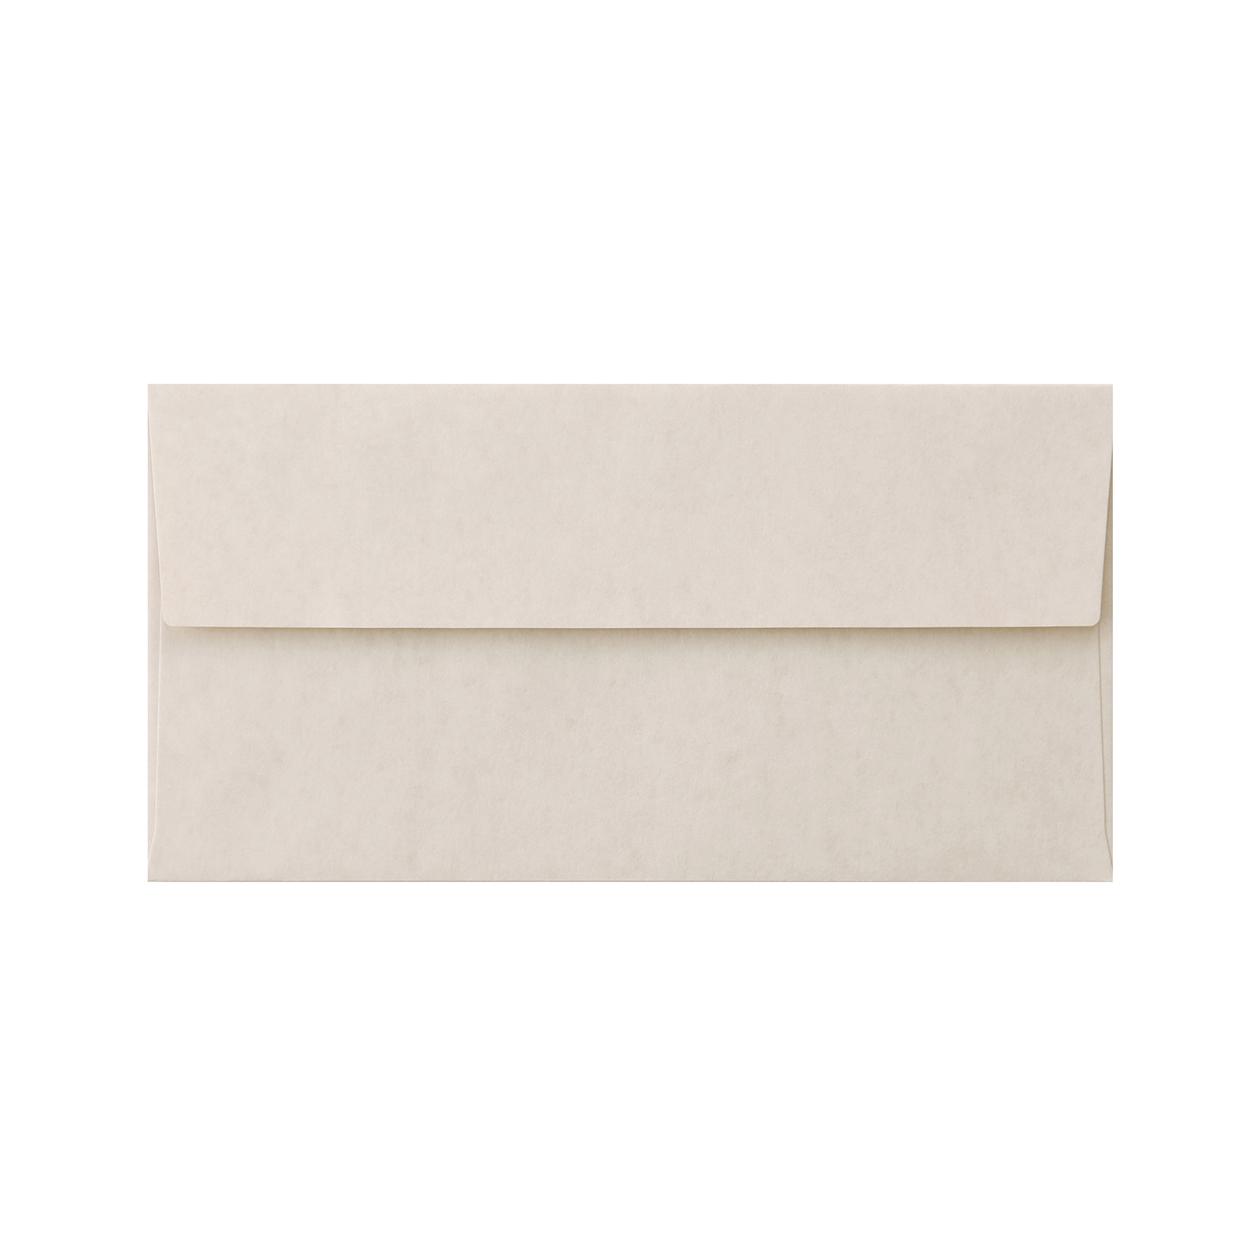 洋6カマス封筒 ホワイトクラフト 100g